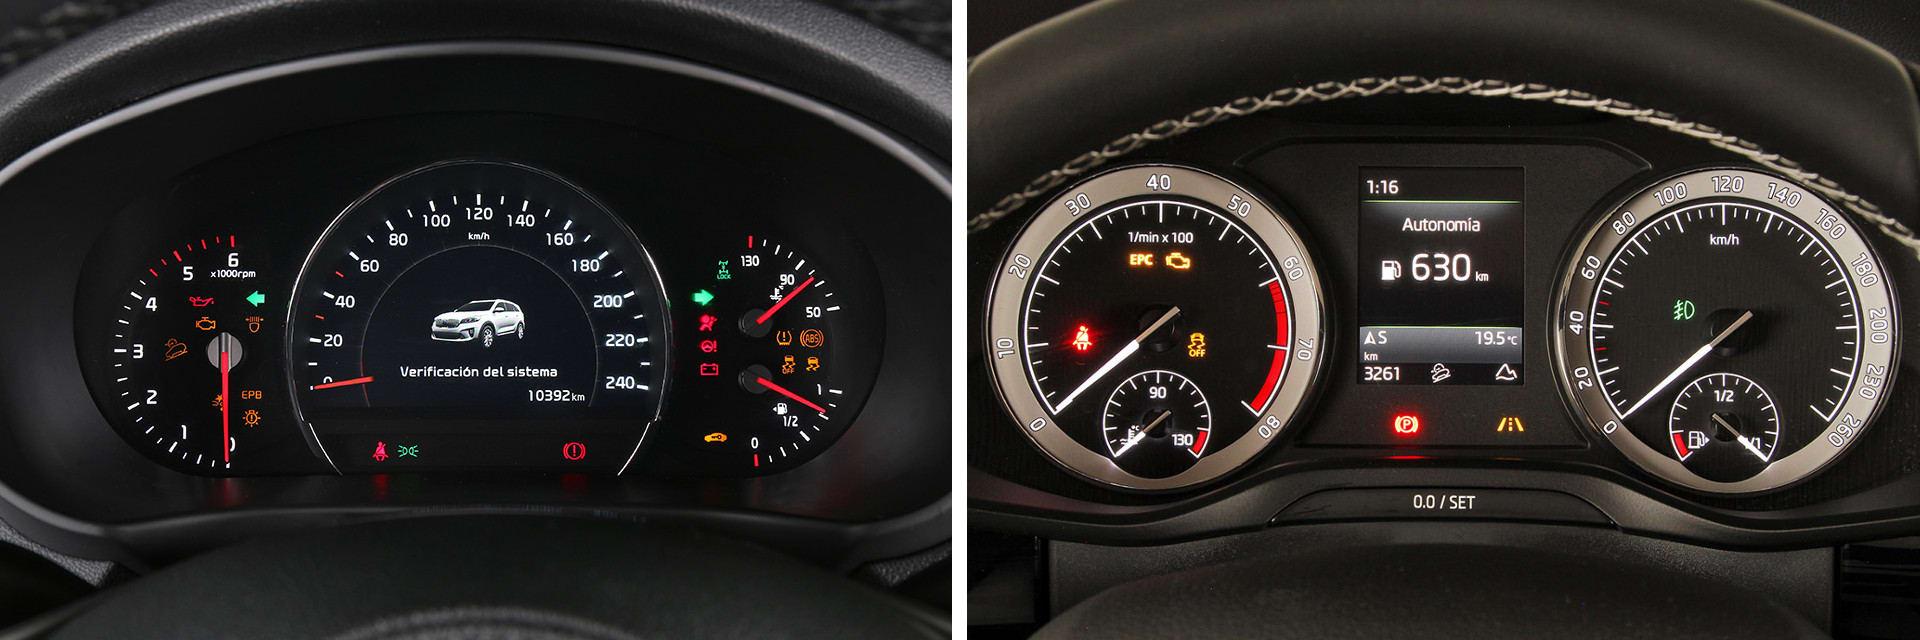 Ambas instrumentaciones tienen buena visibilidad y ofrecen al conductor la información necesaria: autonomía, kilómetros recorridos, nivel de depósito, etc.